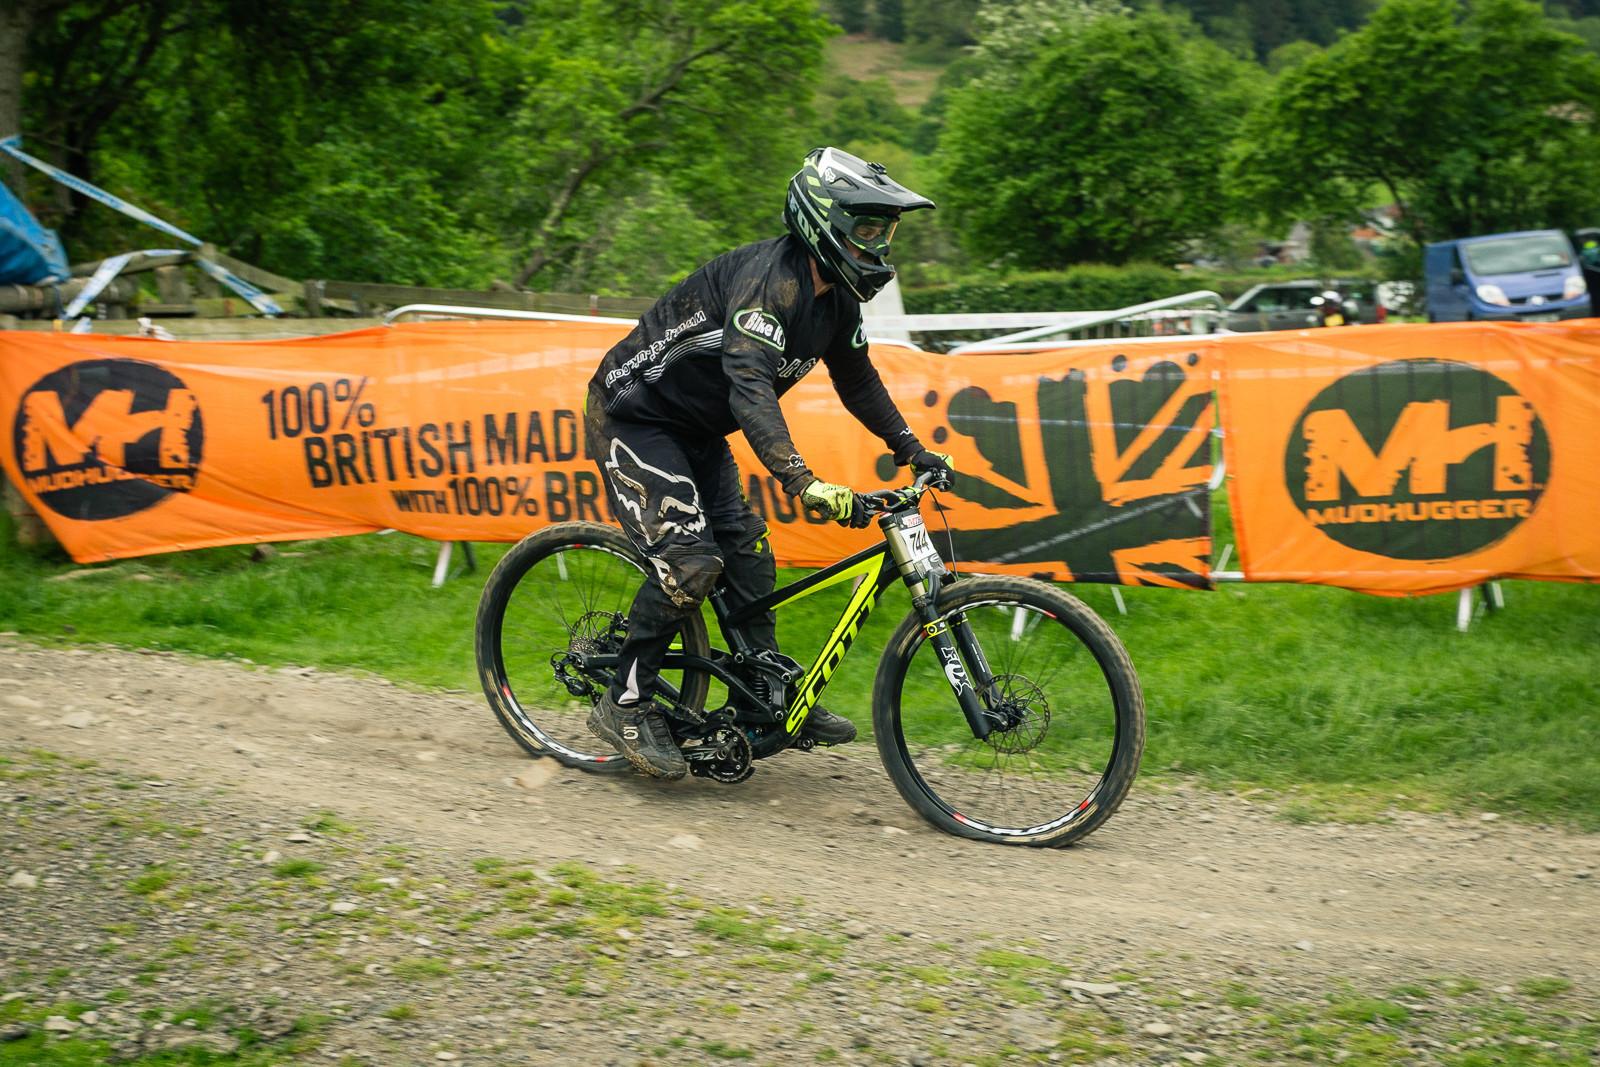 Scott Gambler G-ed Out at Llangollen - G-Out Project - Llangollen BDS 2015 - Mountain Biking Pictures - Vital MTB